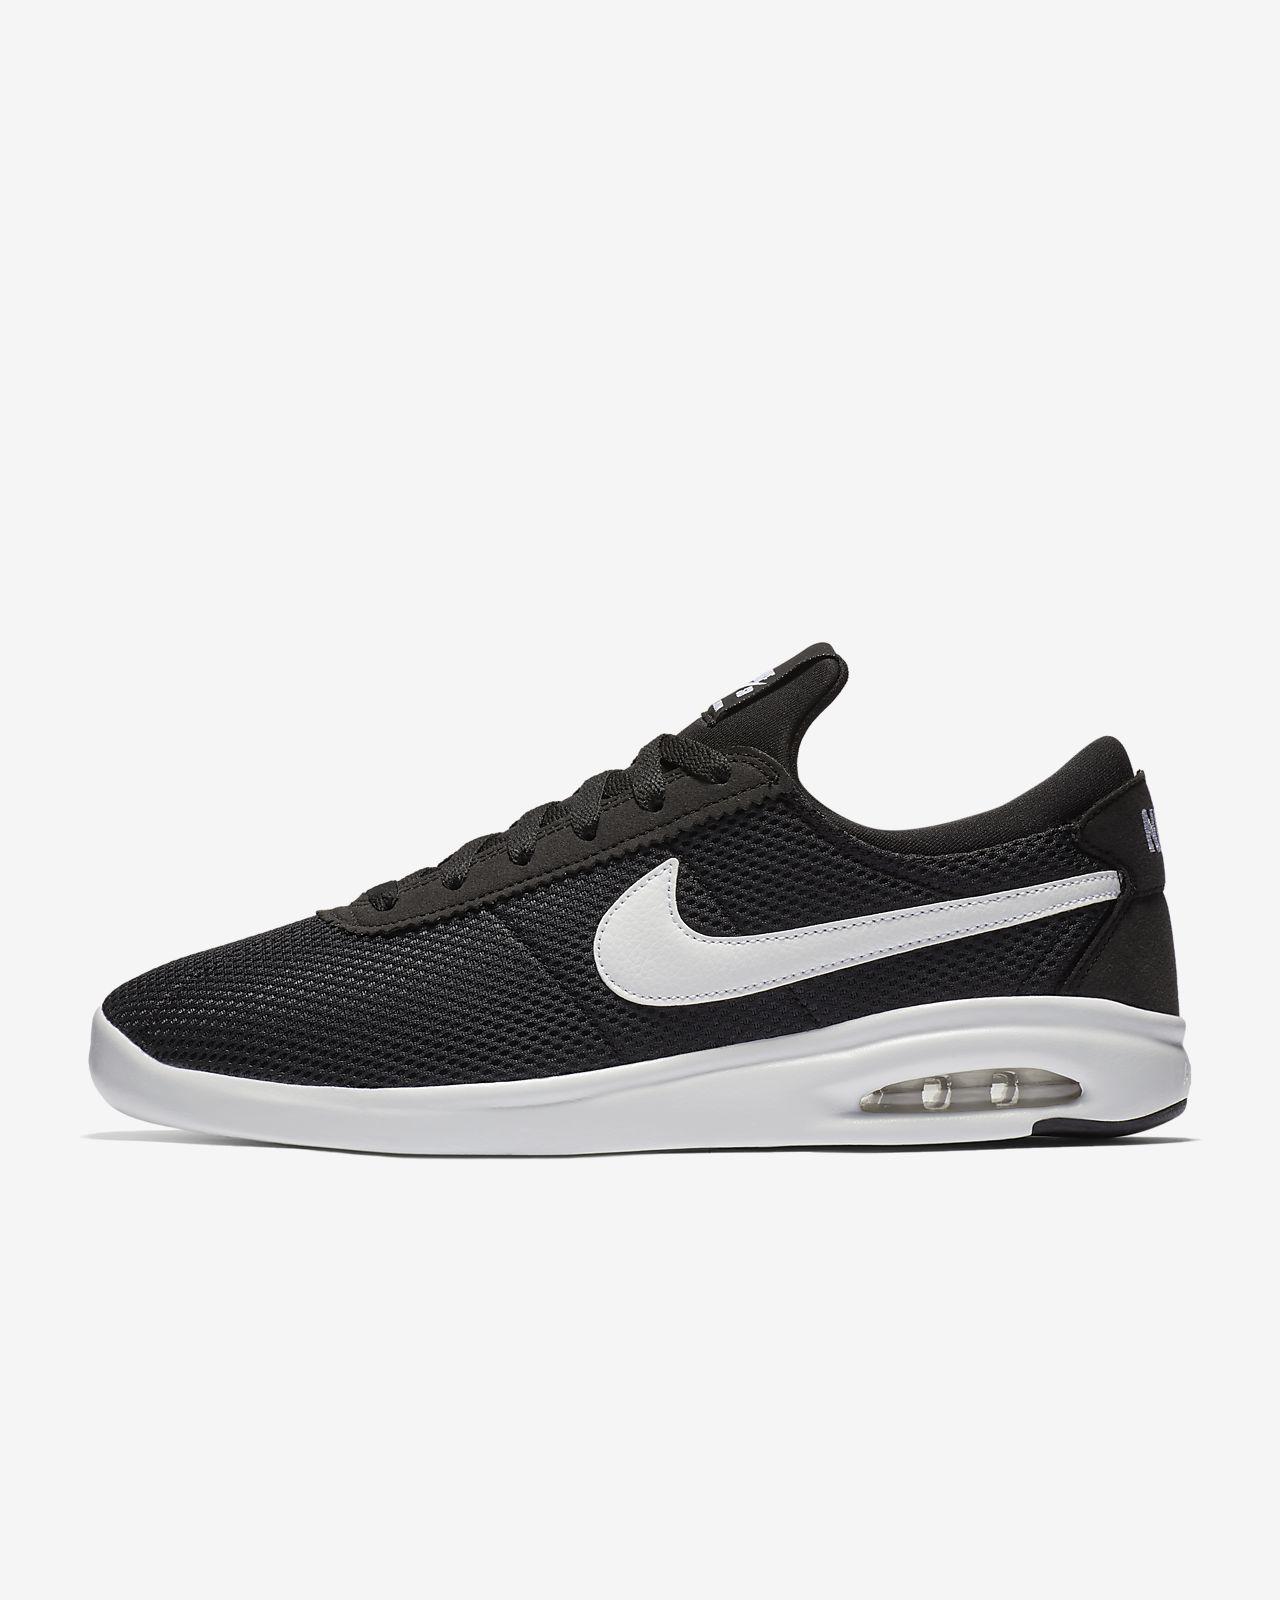 รองเท้าสเก็ตบอร์ดผู้ชาย Nike SB Air Max Bruin Vapor